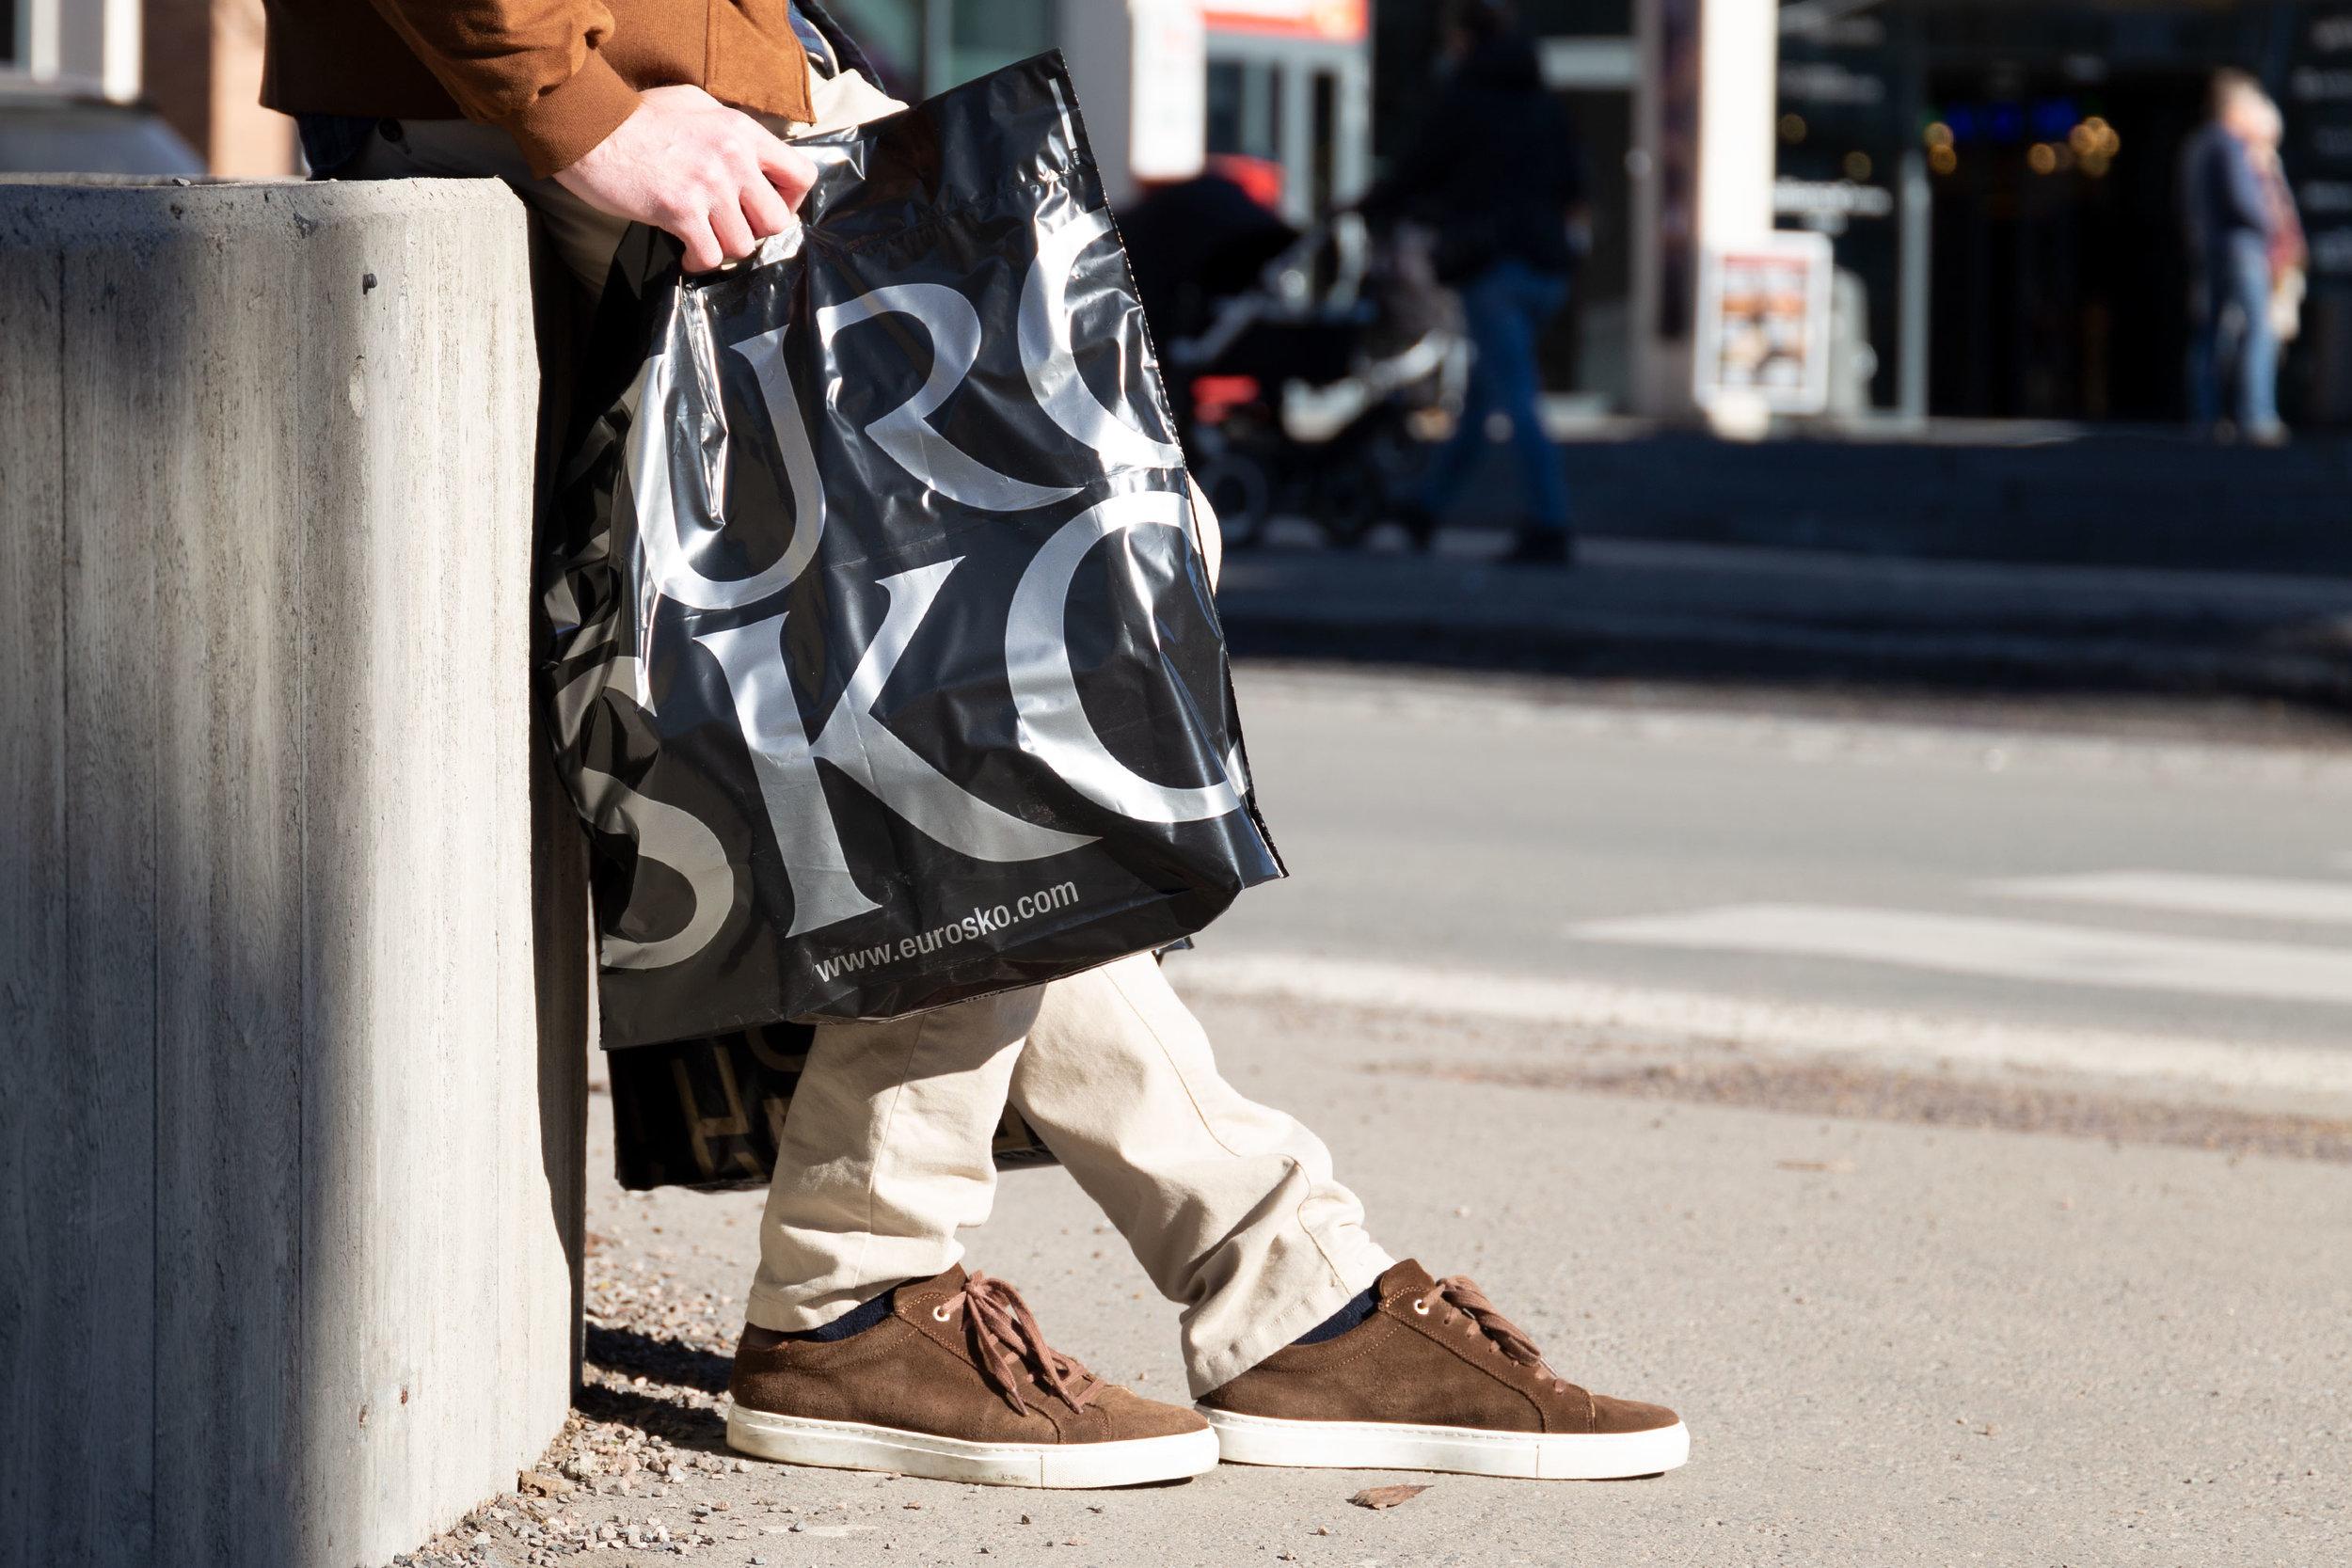 Eurosko har valgt poser i sort folie, med trykk i sølv. Bortsett fra merkingen i bunnen av posen, er det lite som avslører at posen er laget av resirkulert plast – den både ser ut og oppfører seg som en vanlig plastpose.